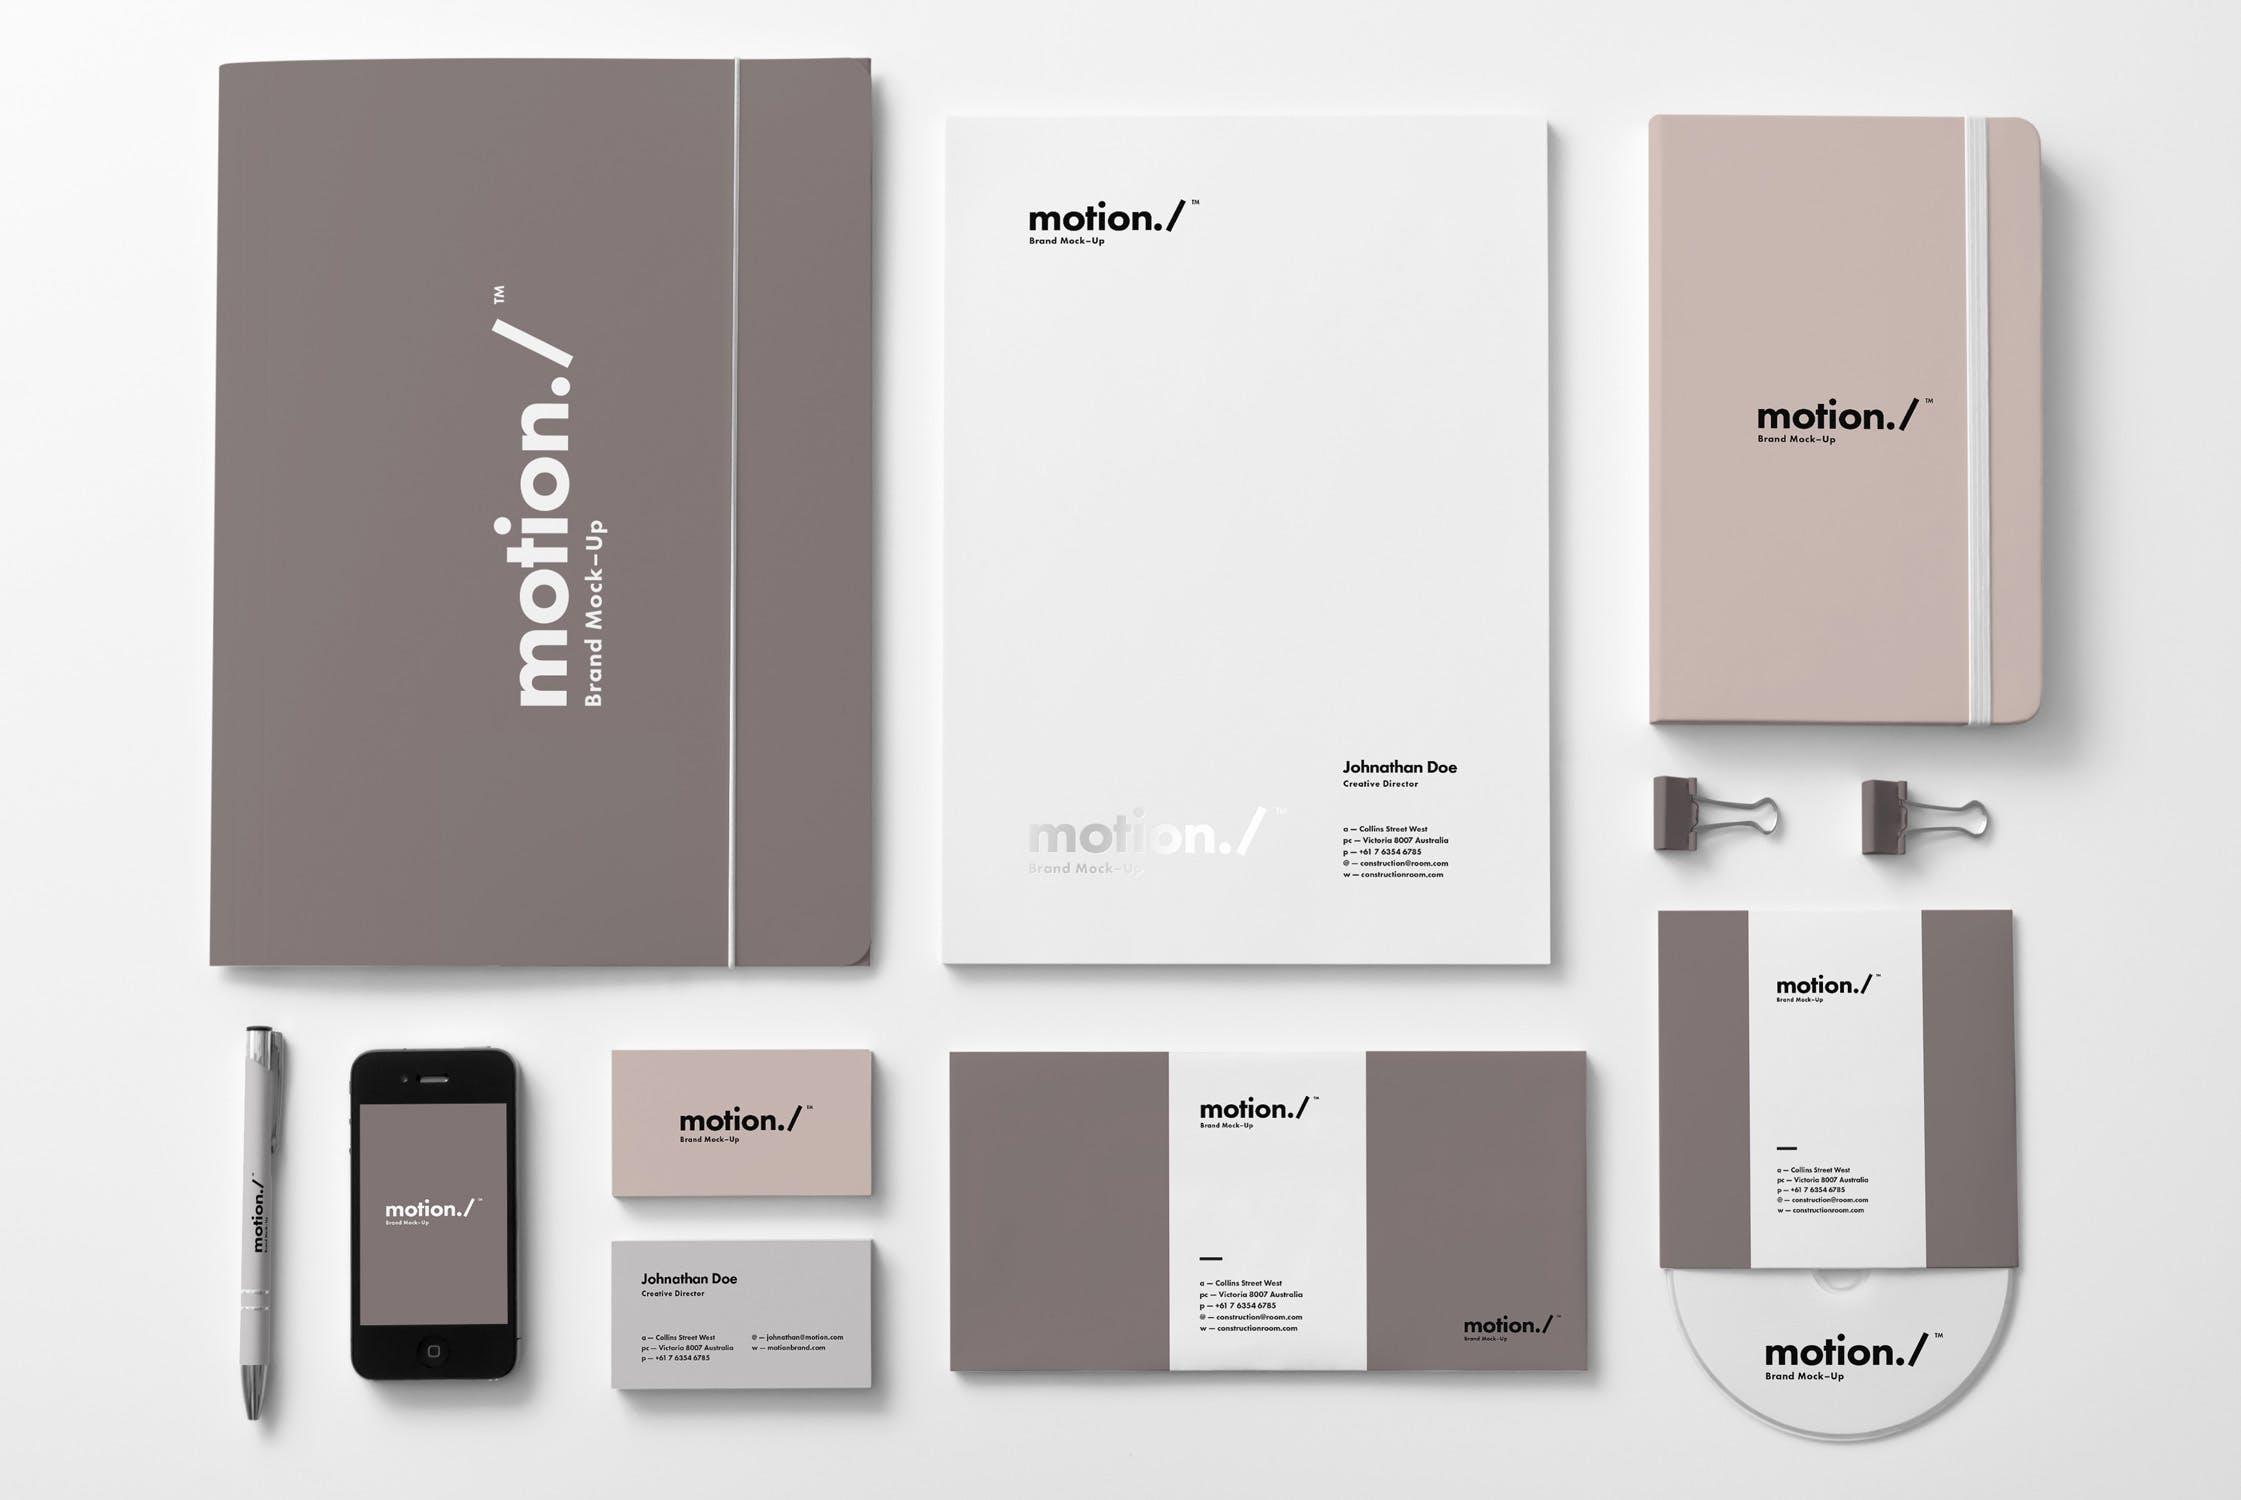 精致品牌样机素材模板展示样机下载Branding / Identity Mock-up 6